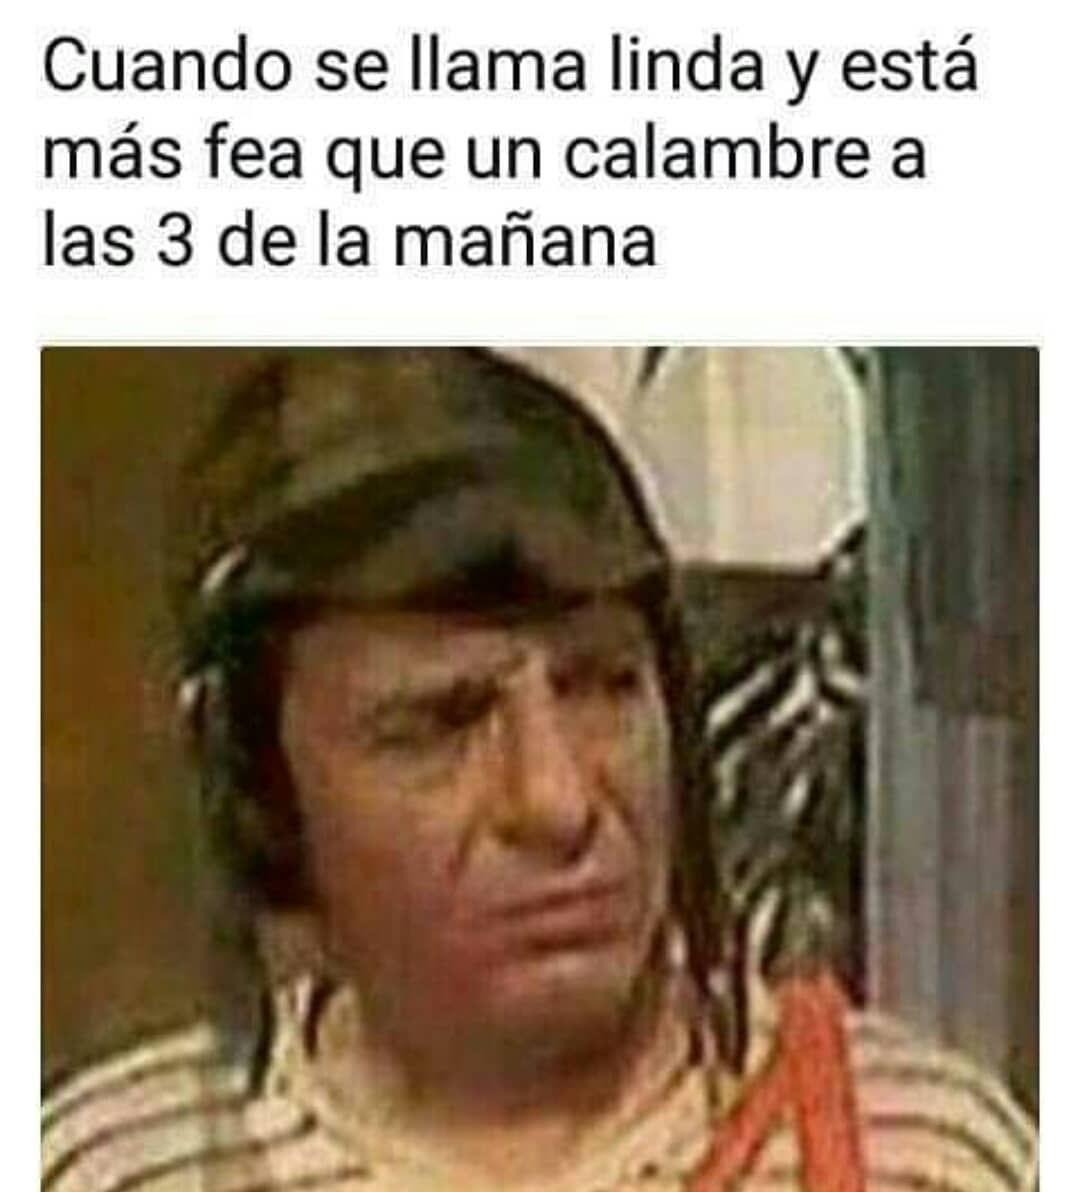 Lo Unico De Linda Que Tiene Es El Nombre Jajajajajaa Memescolombia Funny Memes Memes Humor